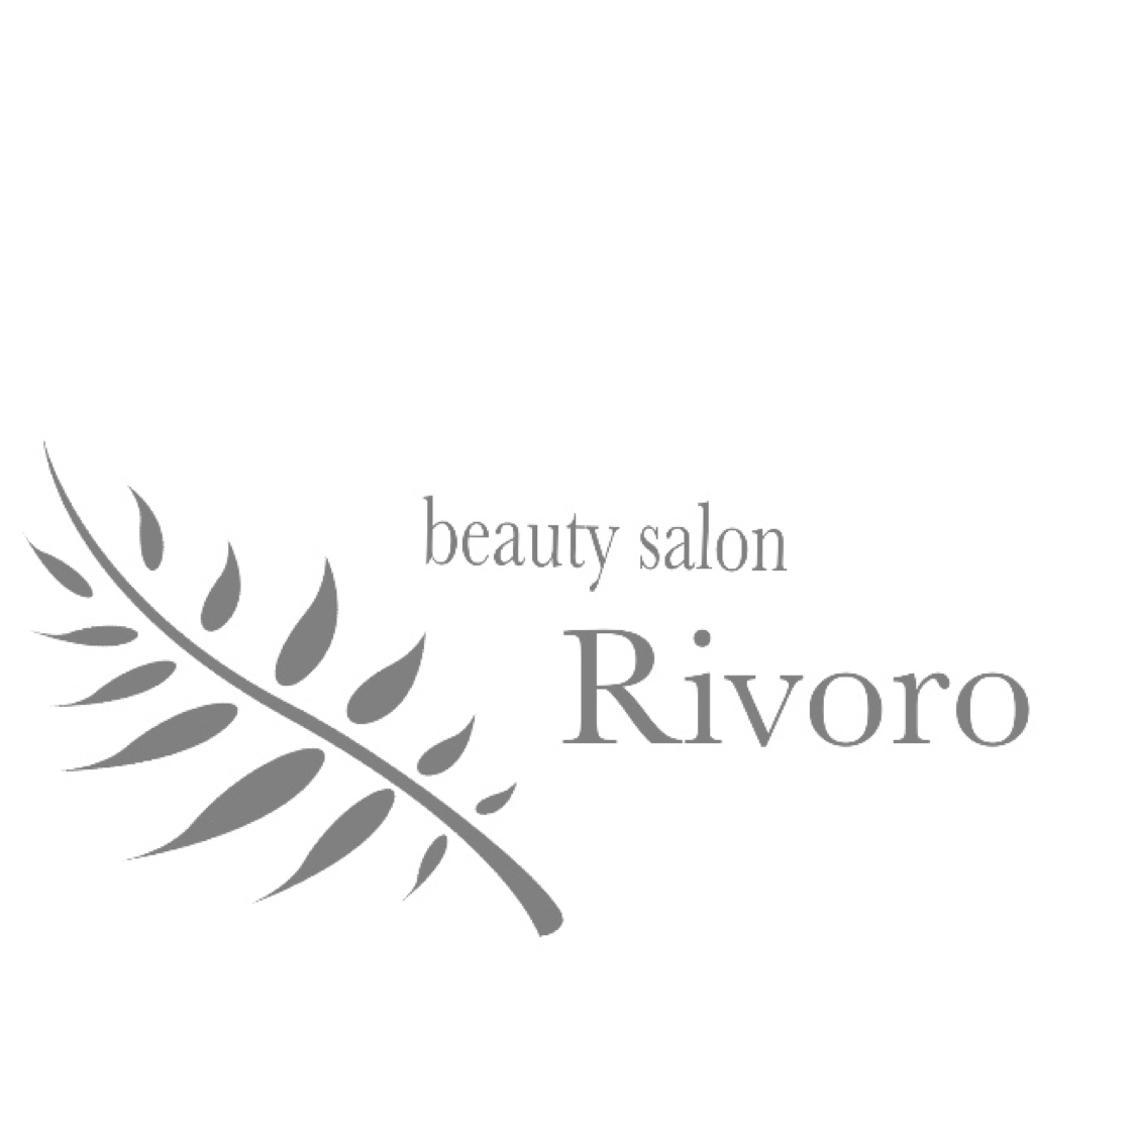 Rivoro所属・西田茜の掲載